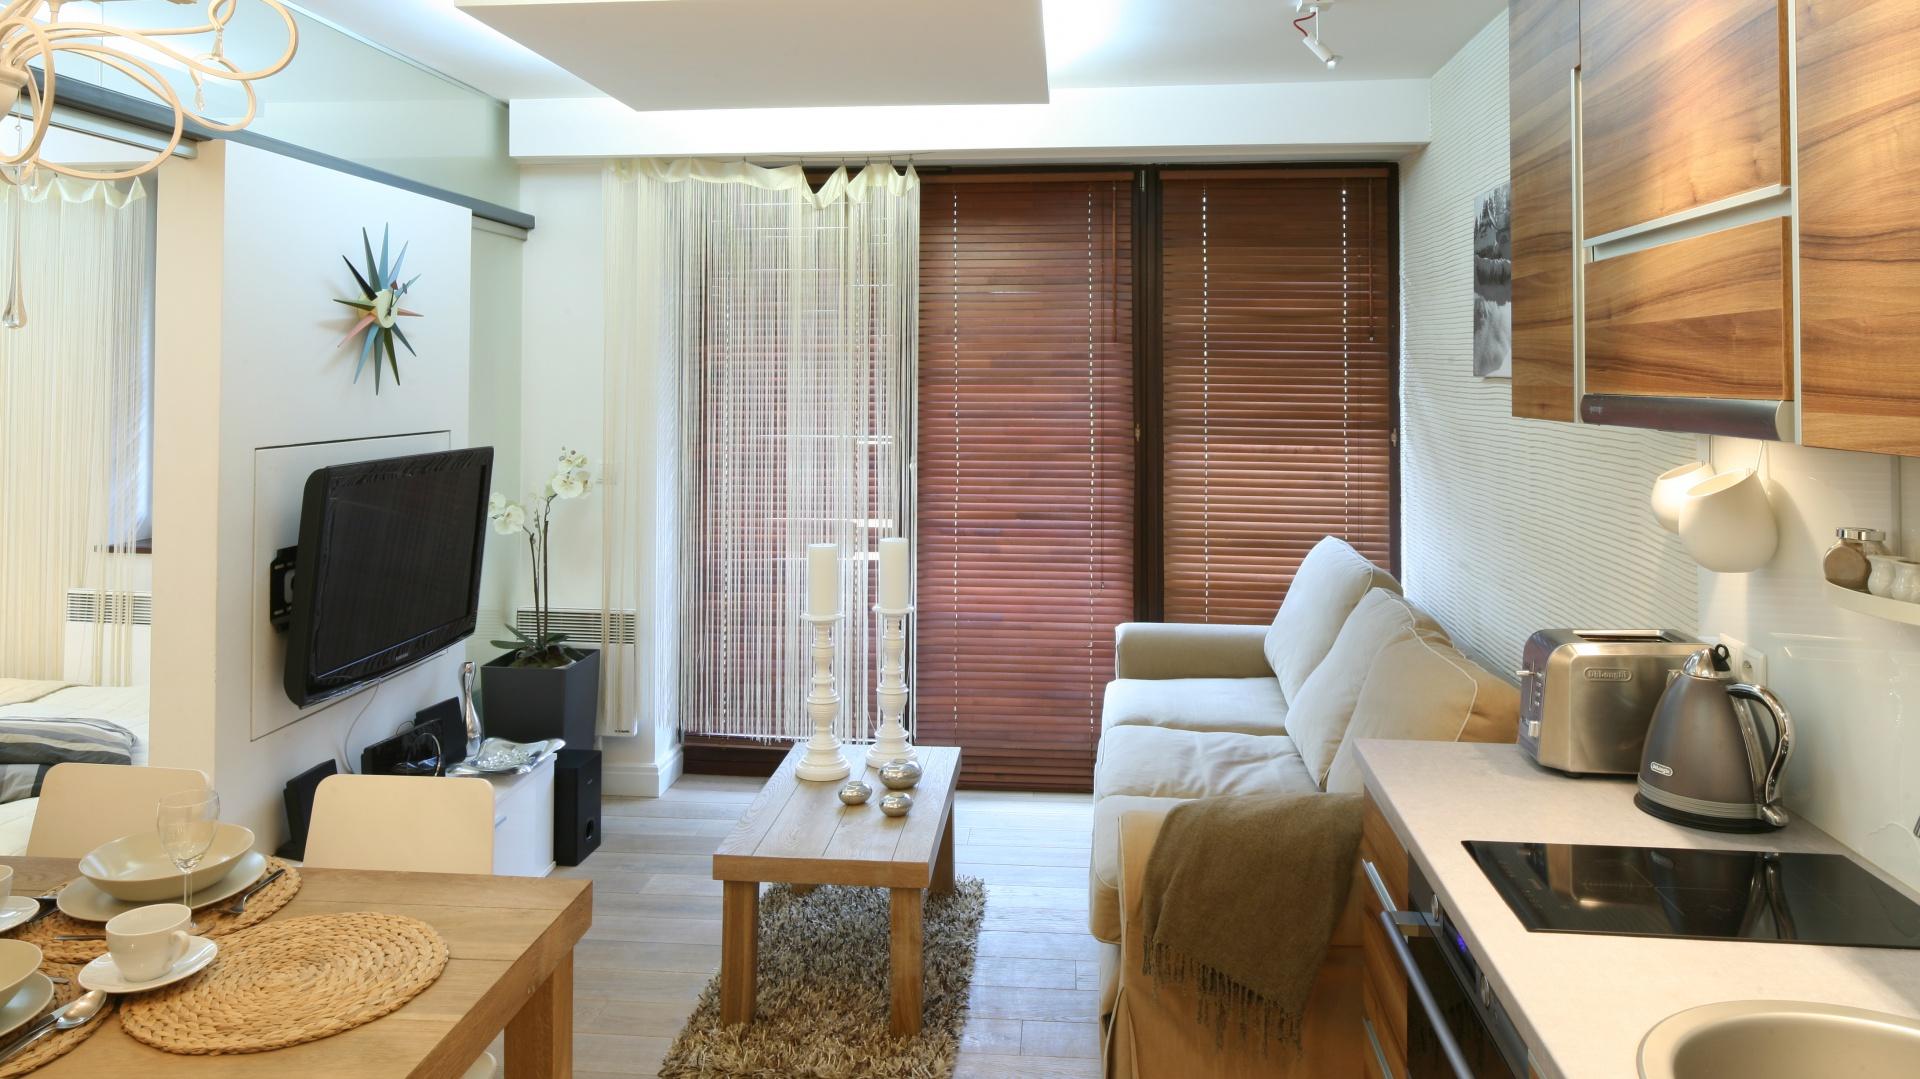 Salon Wielofunkcyjny Zobacz Jak Zagospodarować Małą Przestrzeń